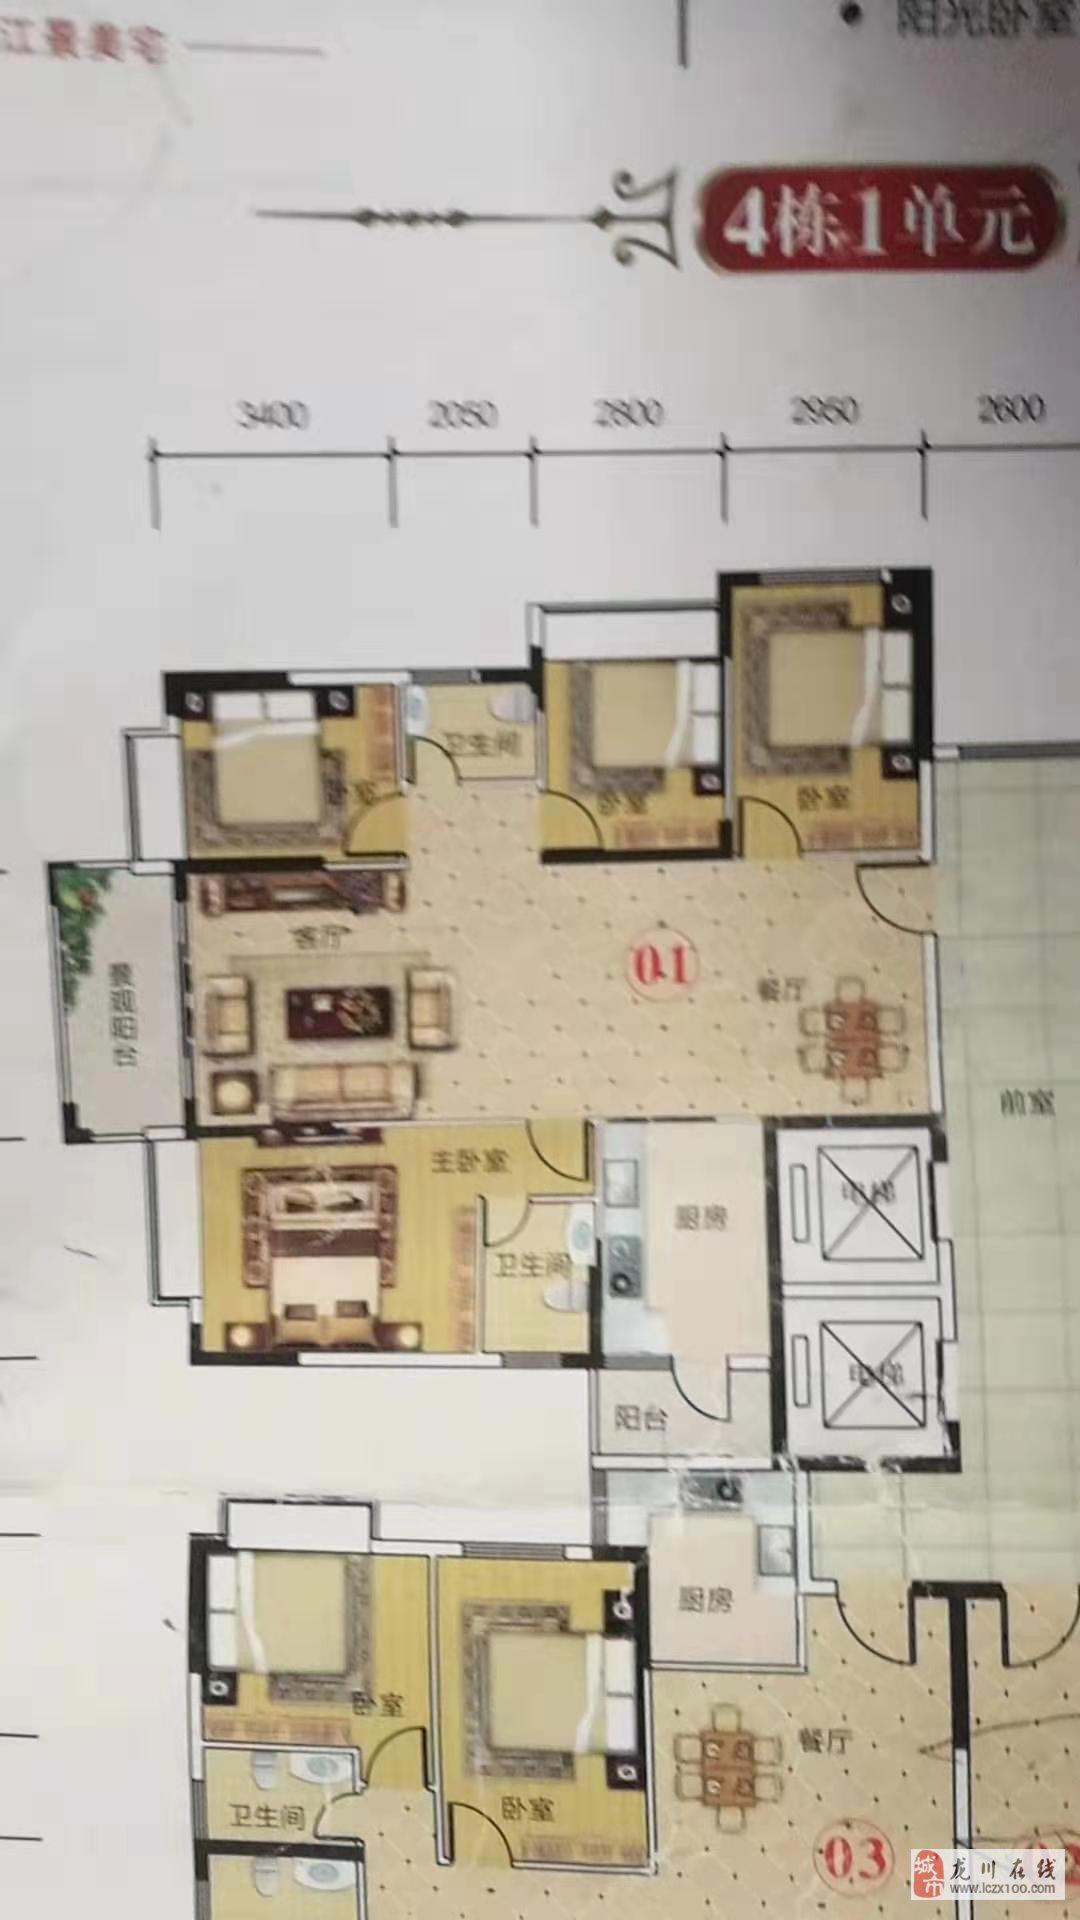 西岸悦湾4室2厅2卫83.2万元